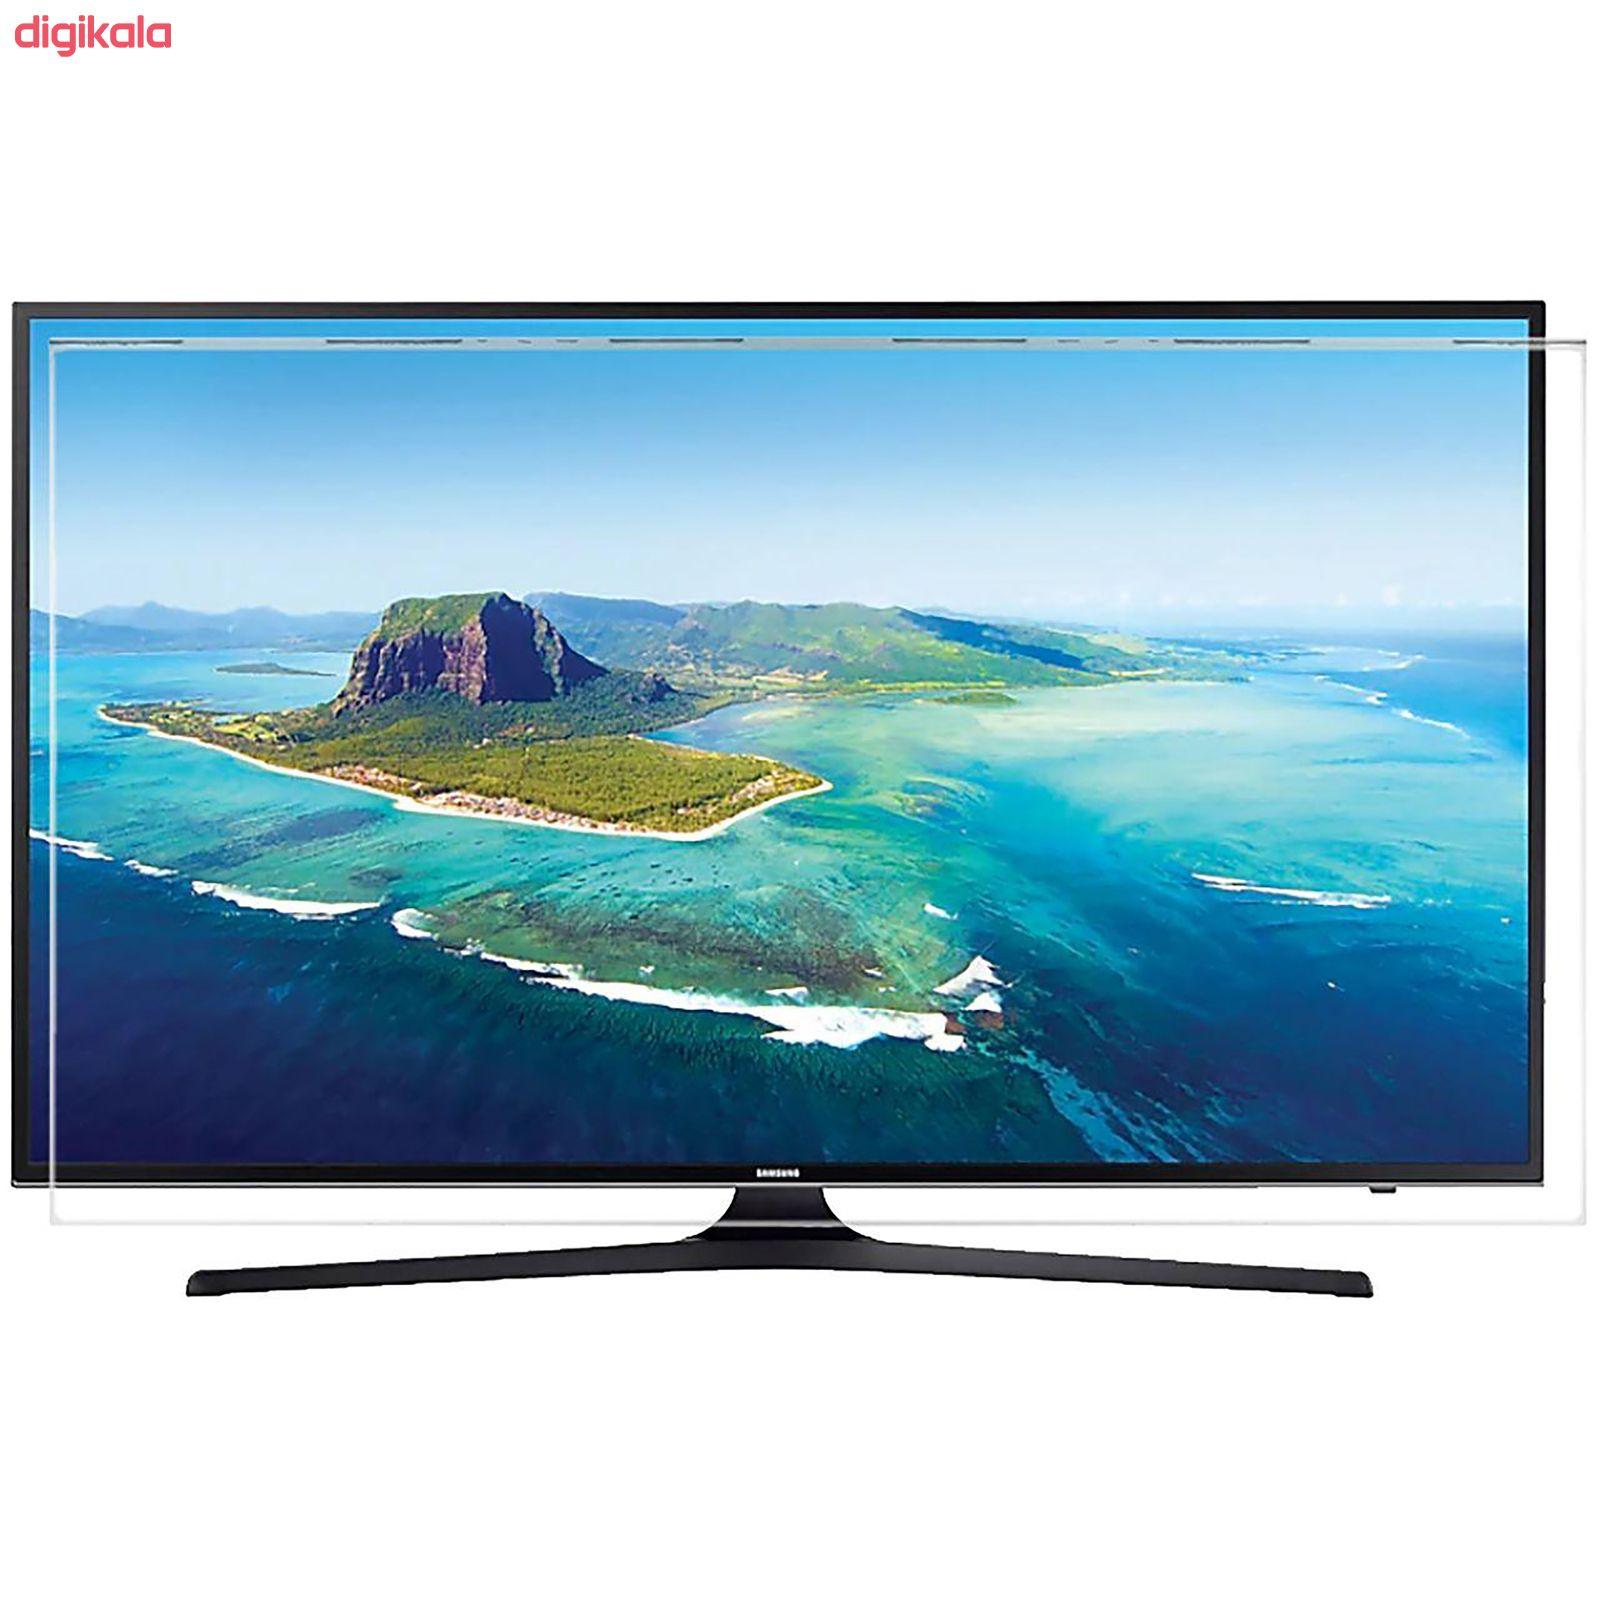 محافظ صفحه نمایش تلویزیون مدل SP-50 مناسب برای تلویزیون های 50 اینچی main 1 1